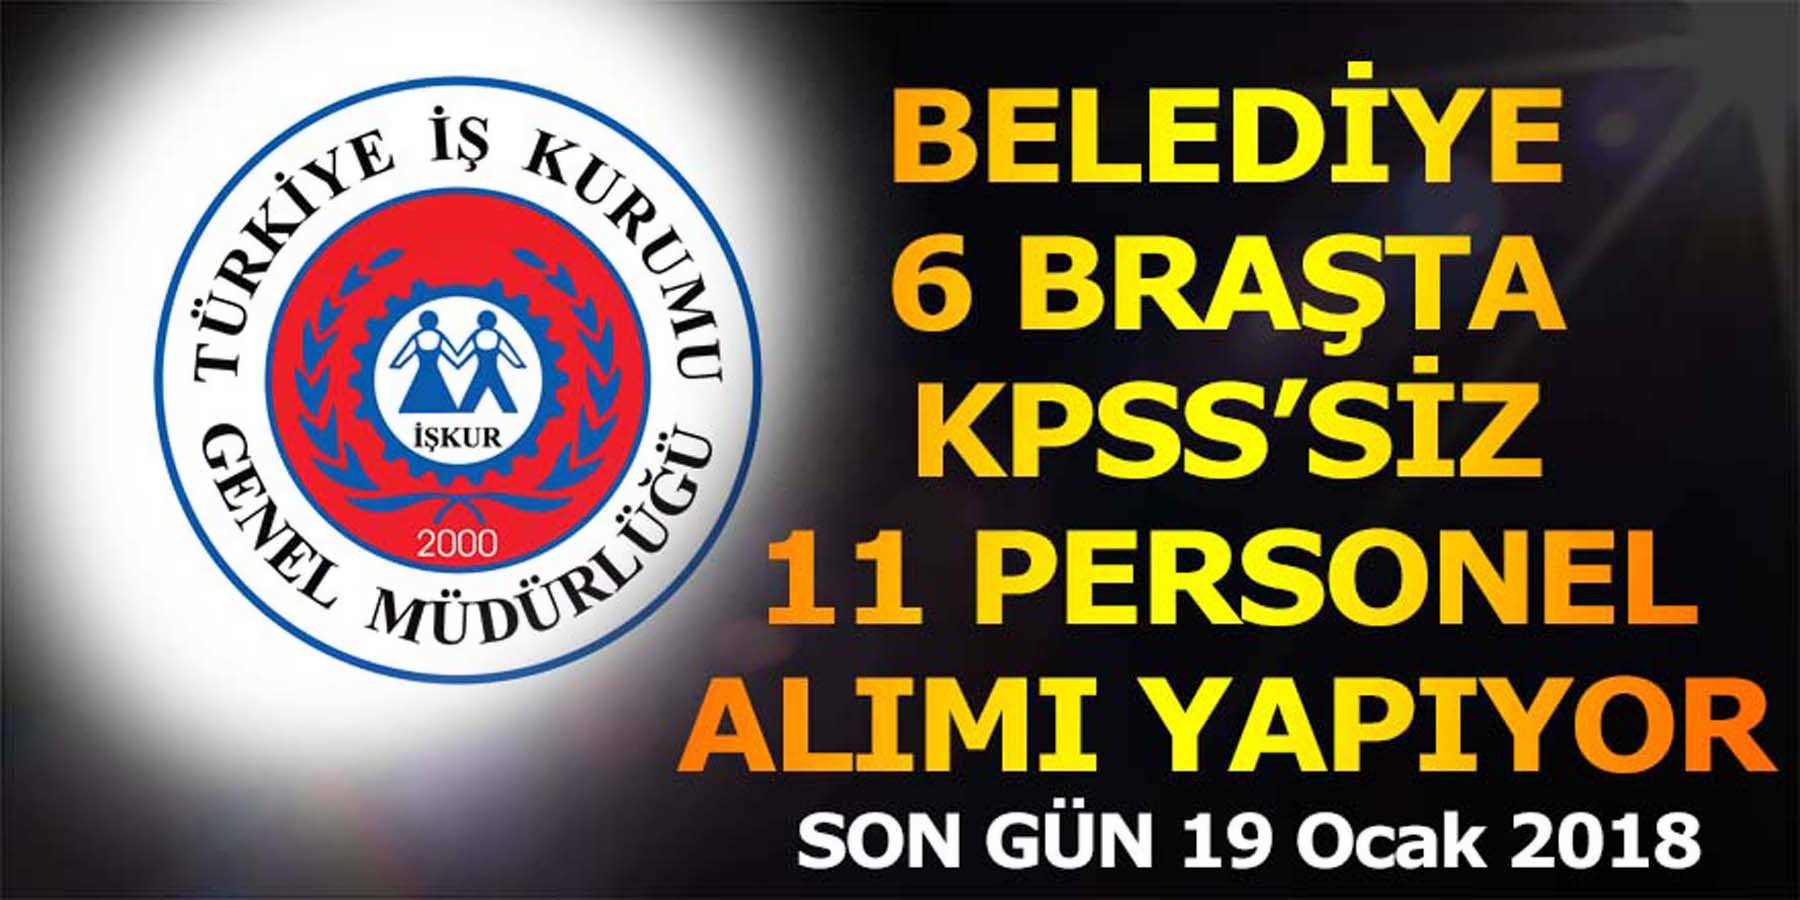 Belediye 6 Branşta KPSS'siz Personel Alımı Yapıyor